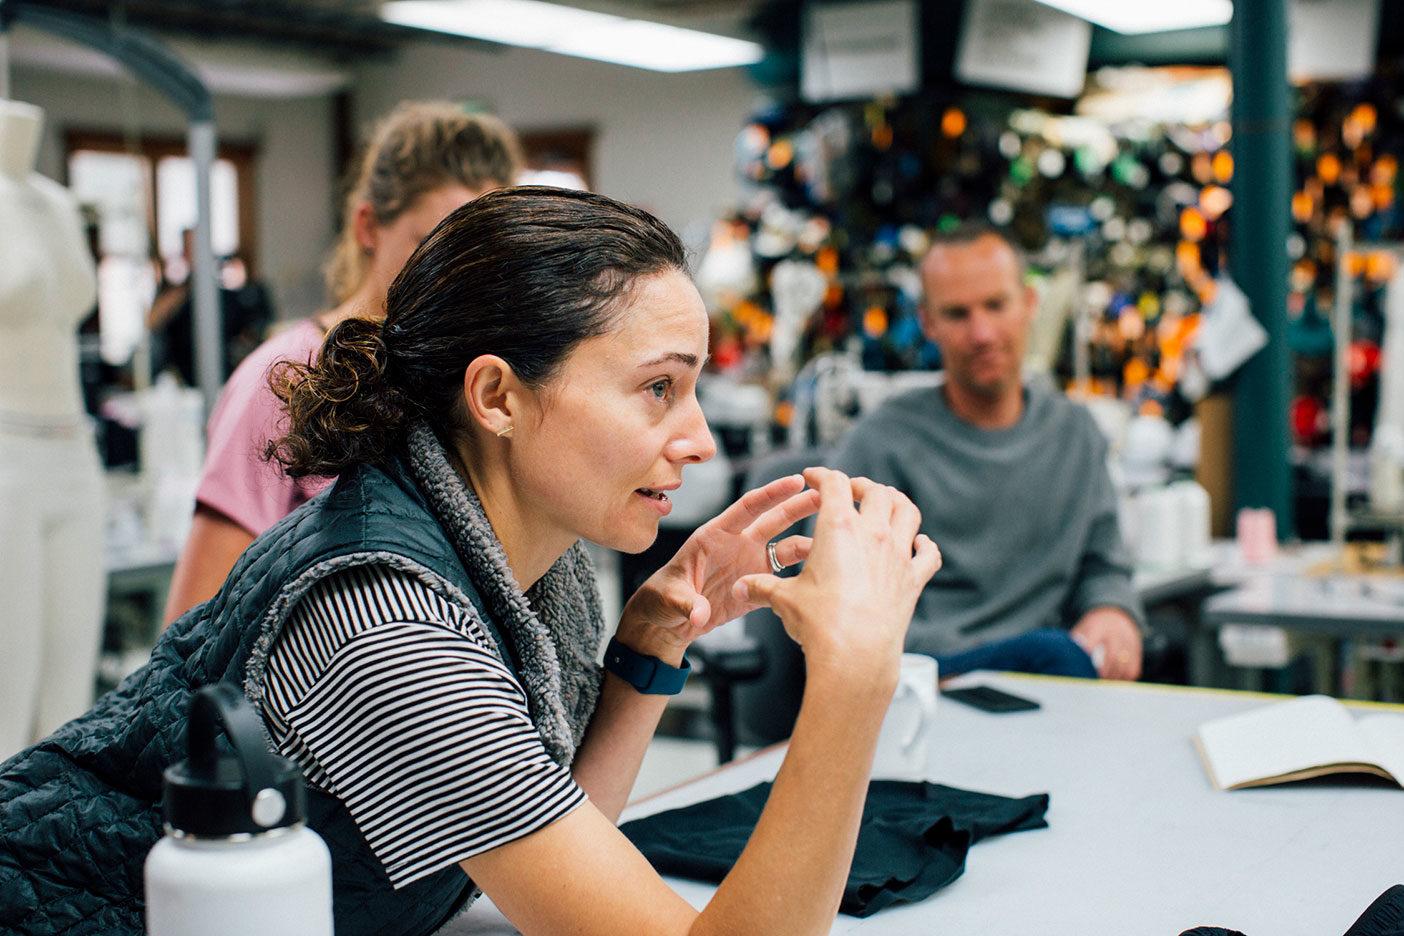 製品の開発とデザインについて論議中。Photo: KYLE SPARKS